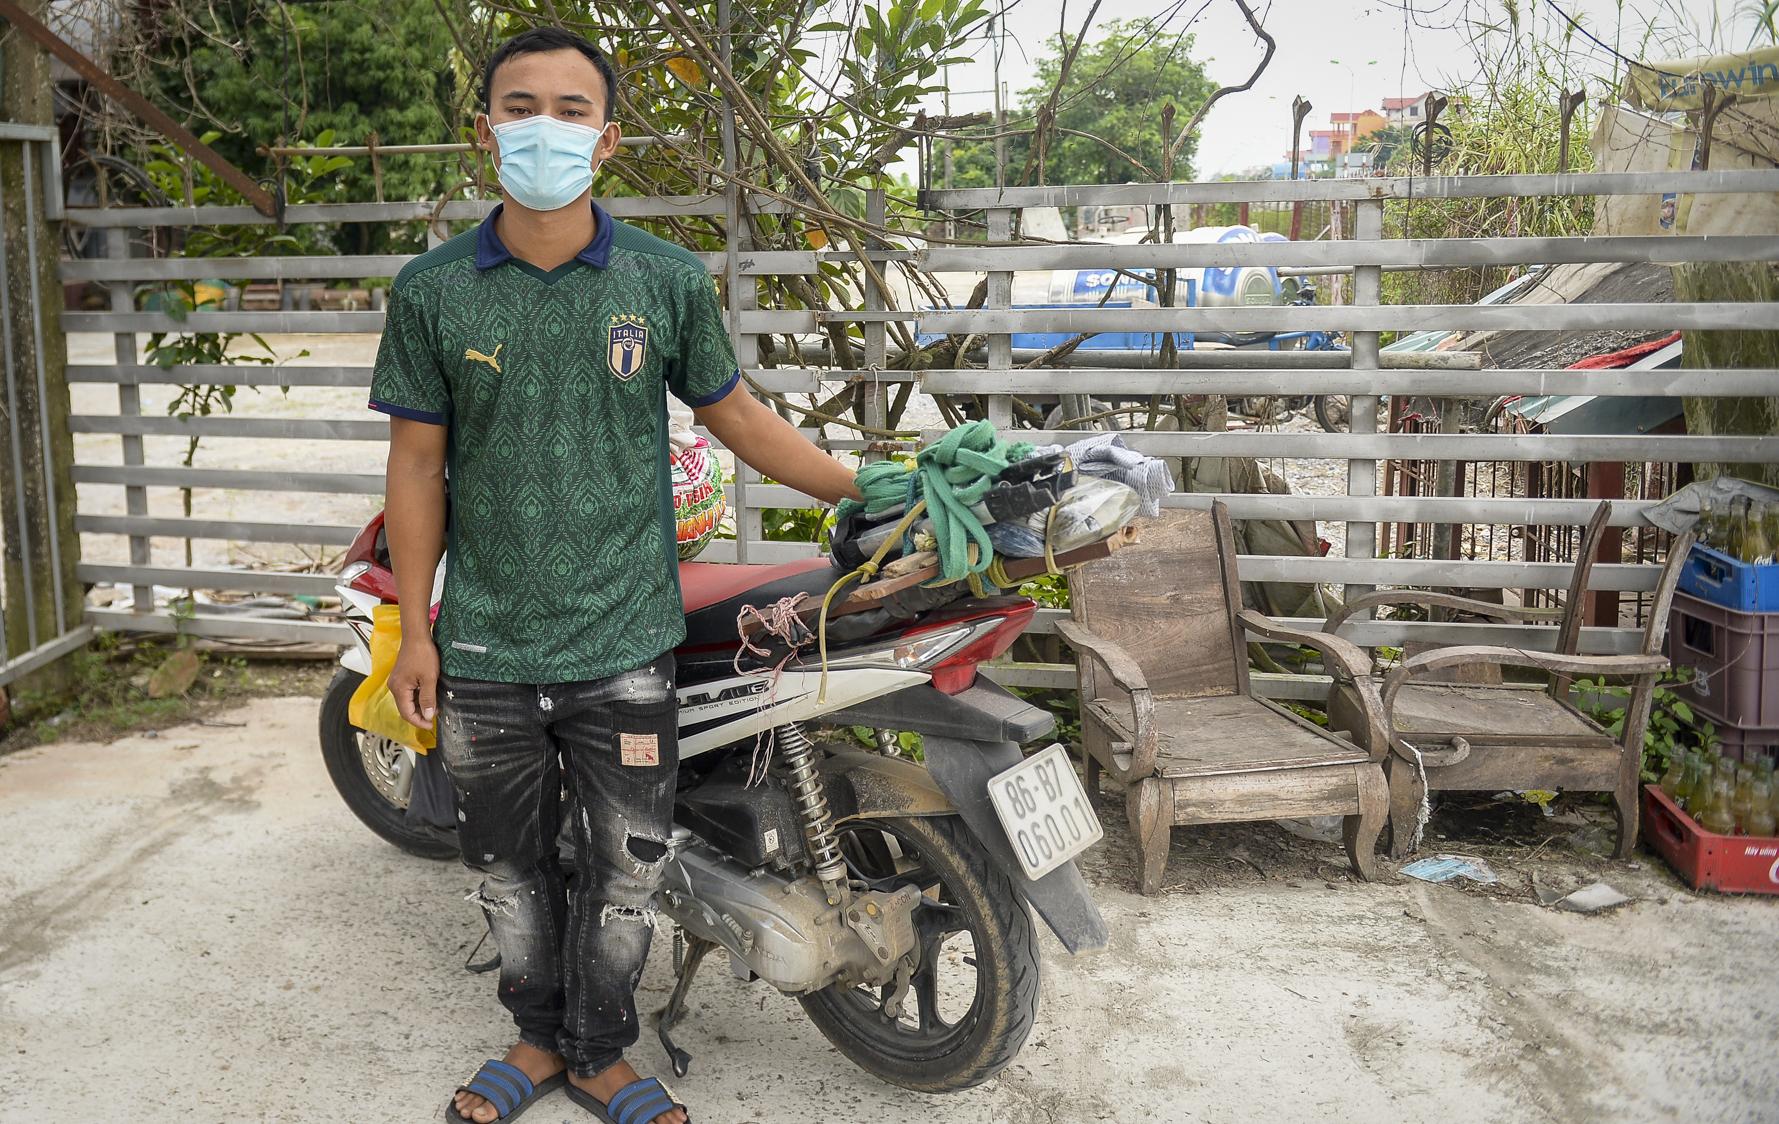 Đi xe máy hơn 1.500km ra Hà Nội, 2 bố con ăn ngủ tại chốt Cầu Giẽ chờ người đưa đi cách ly - Ảnh 8.